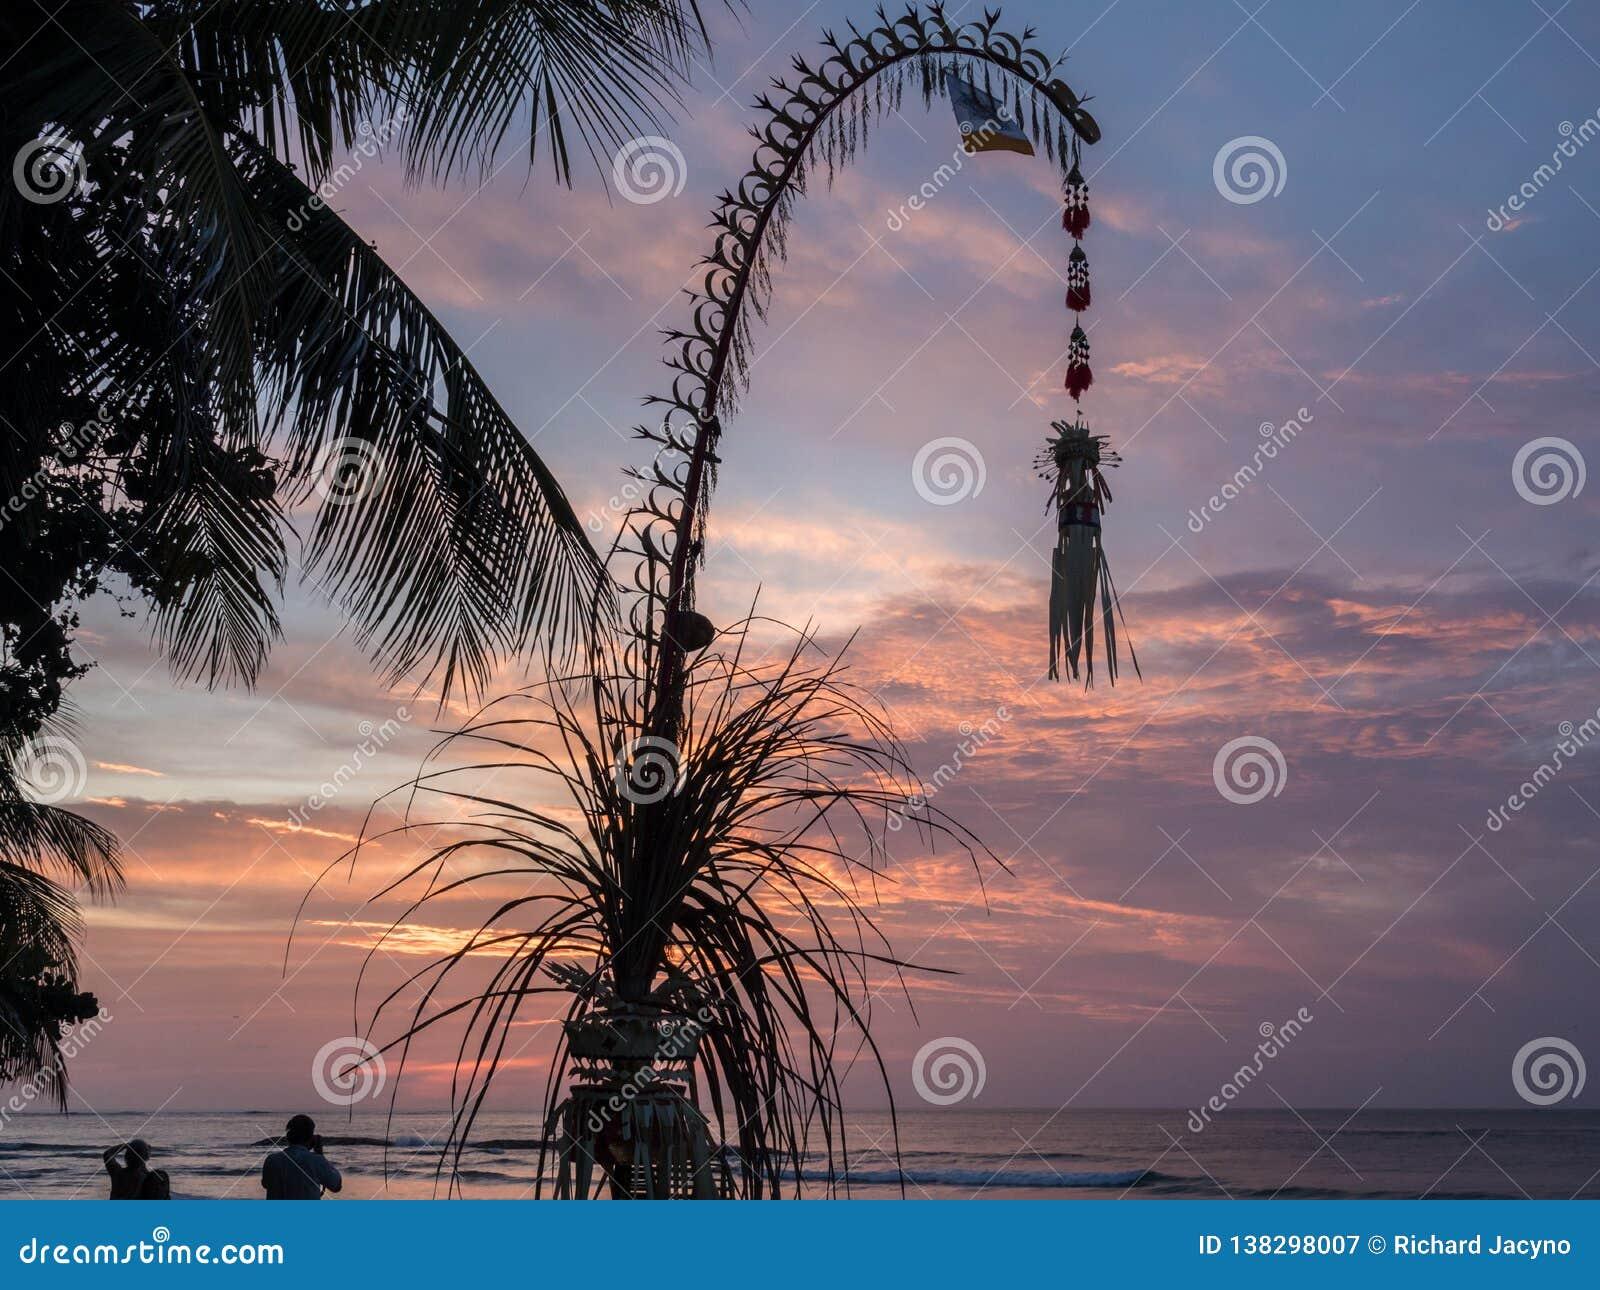 Decoración de Penjor para la celebración del Balinese de Galungan bali